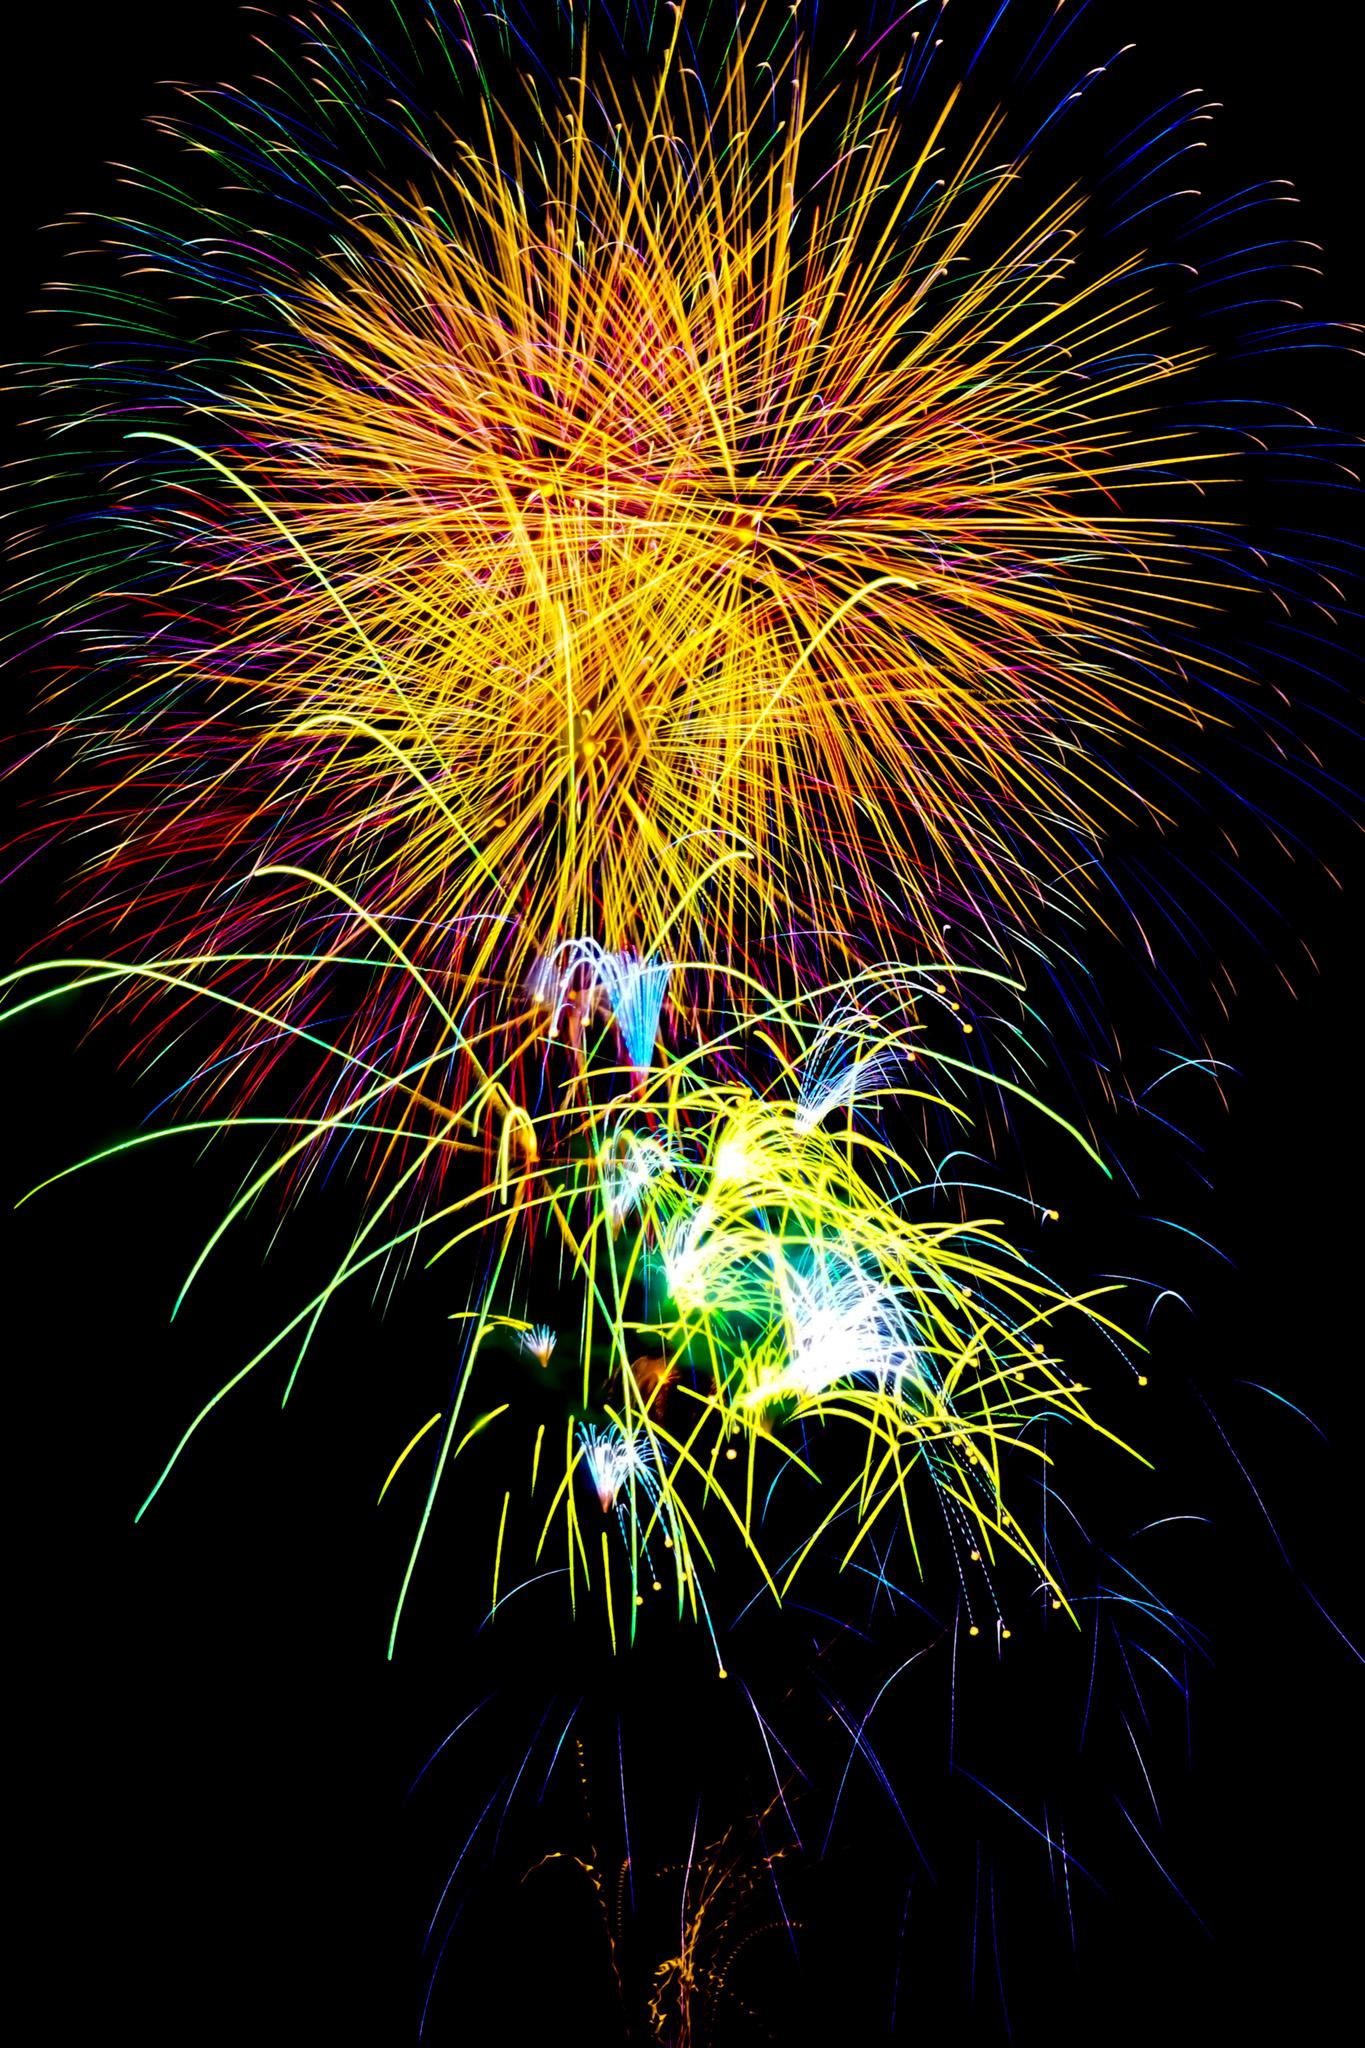 「打ち上げ花火と夏の夜空」の画像を無料ダウンロード